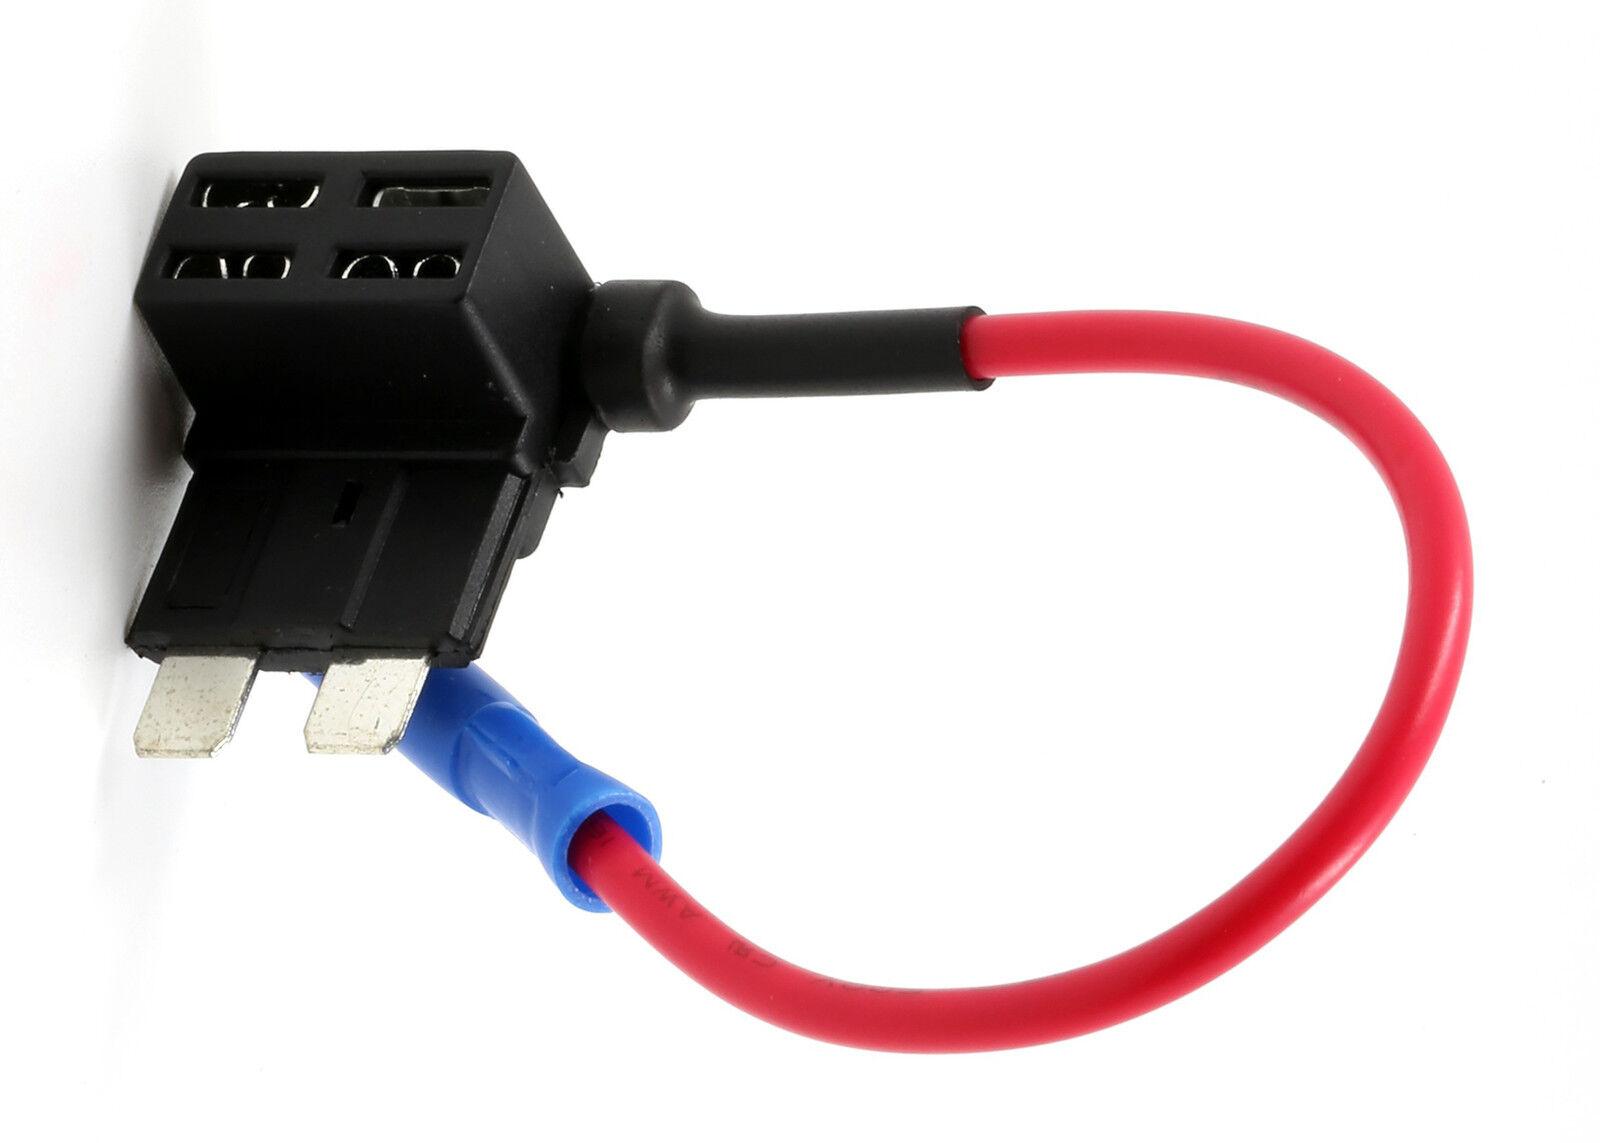 Fuse Tap Regular Ato Atc Apr W 5a Add A Circuit Dash Cam Radar Diy Atm Addafuse Addacircuit 4 Fuses For Mini Blade Style Car Ebay